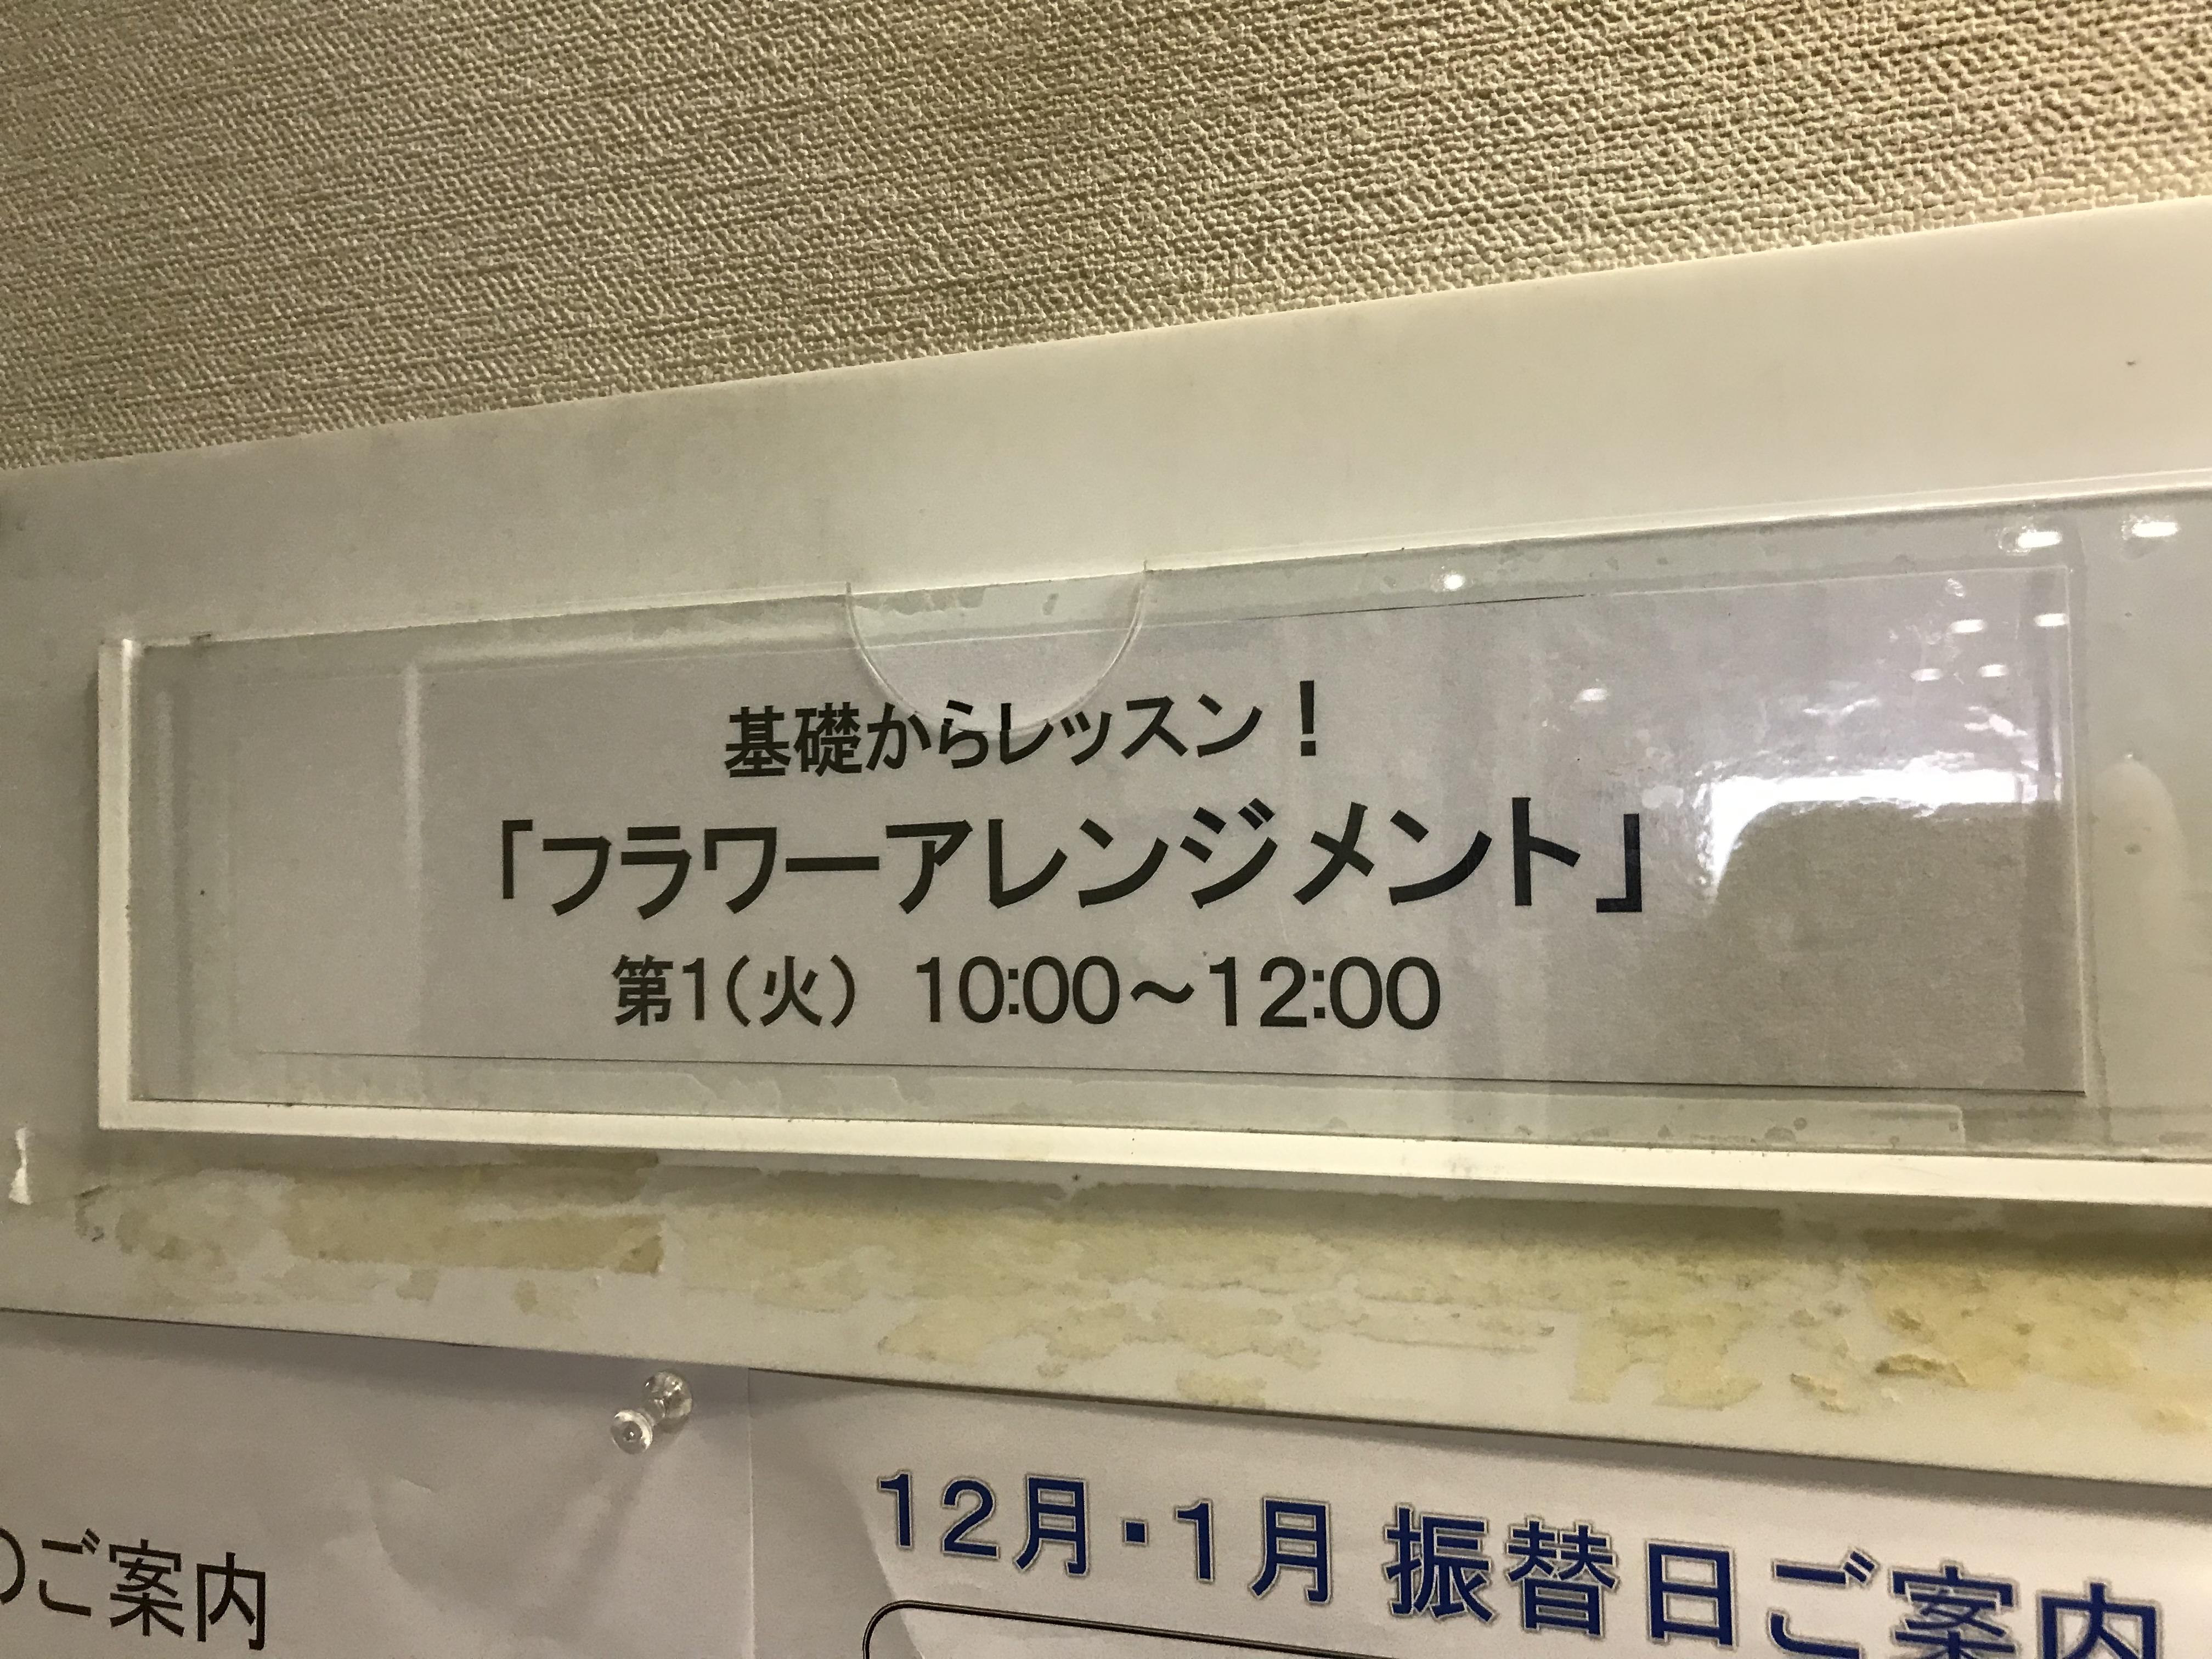 コミュニティ カレッジ 岩田屋